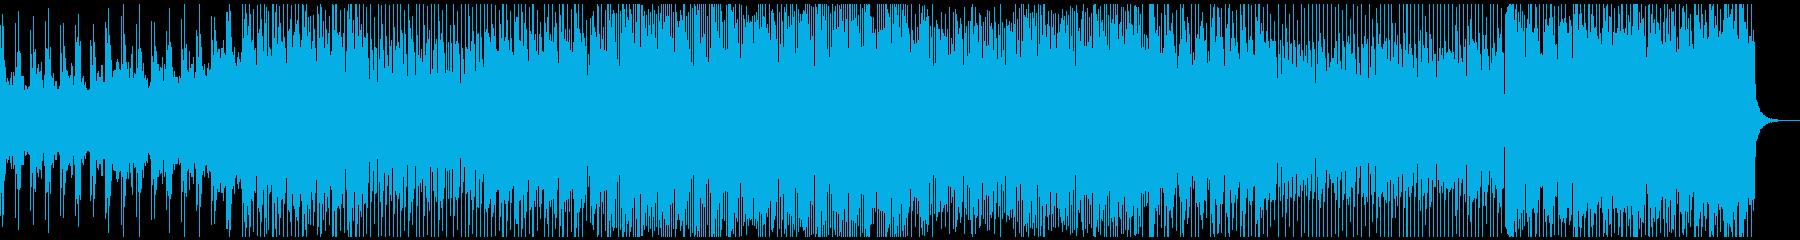 荒ぶるテクノの再生済みの波形